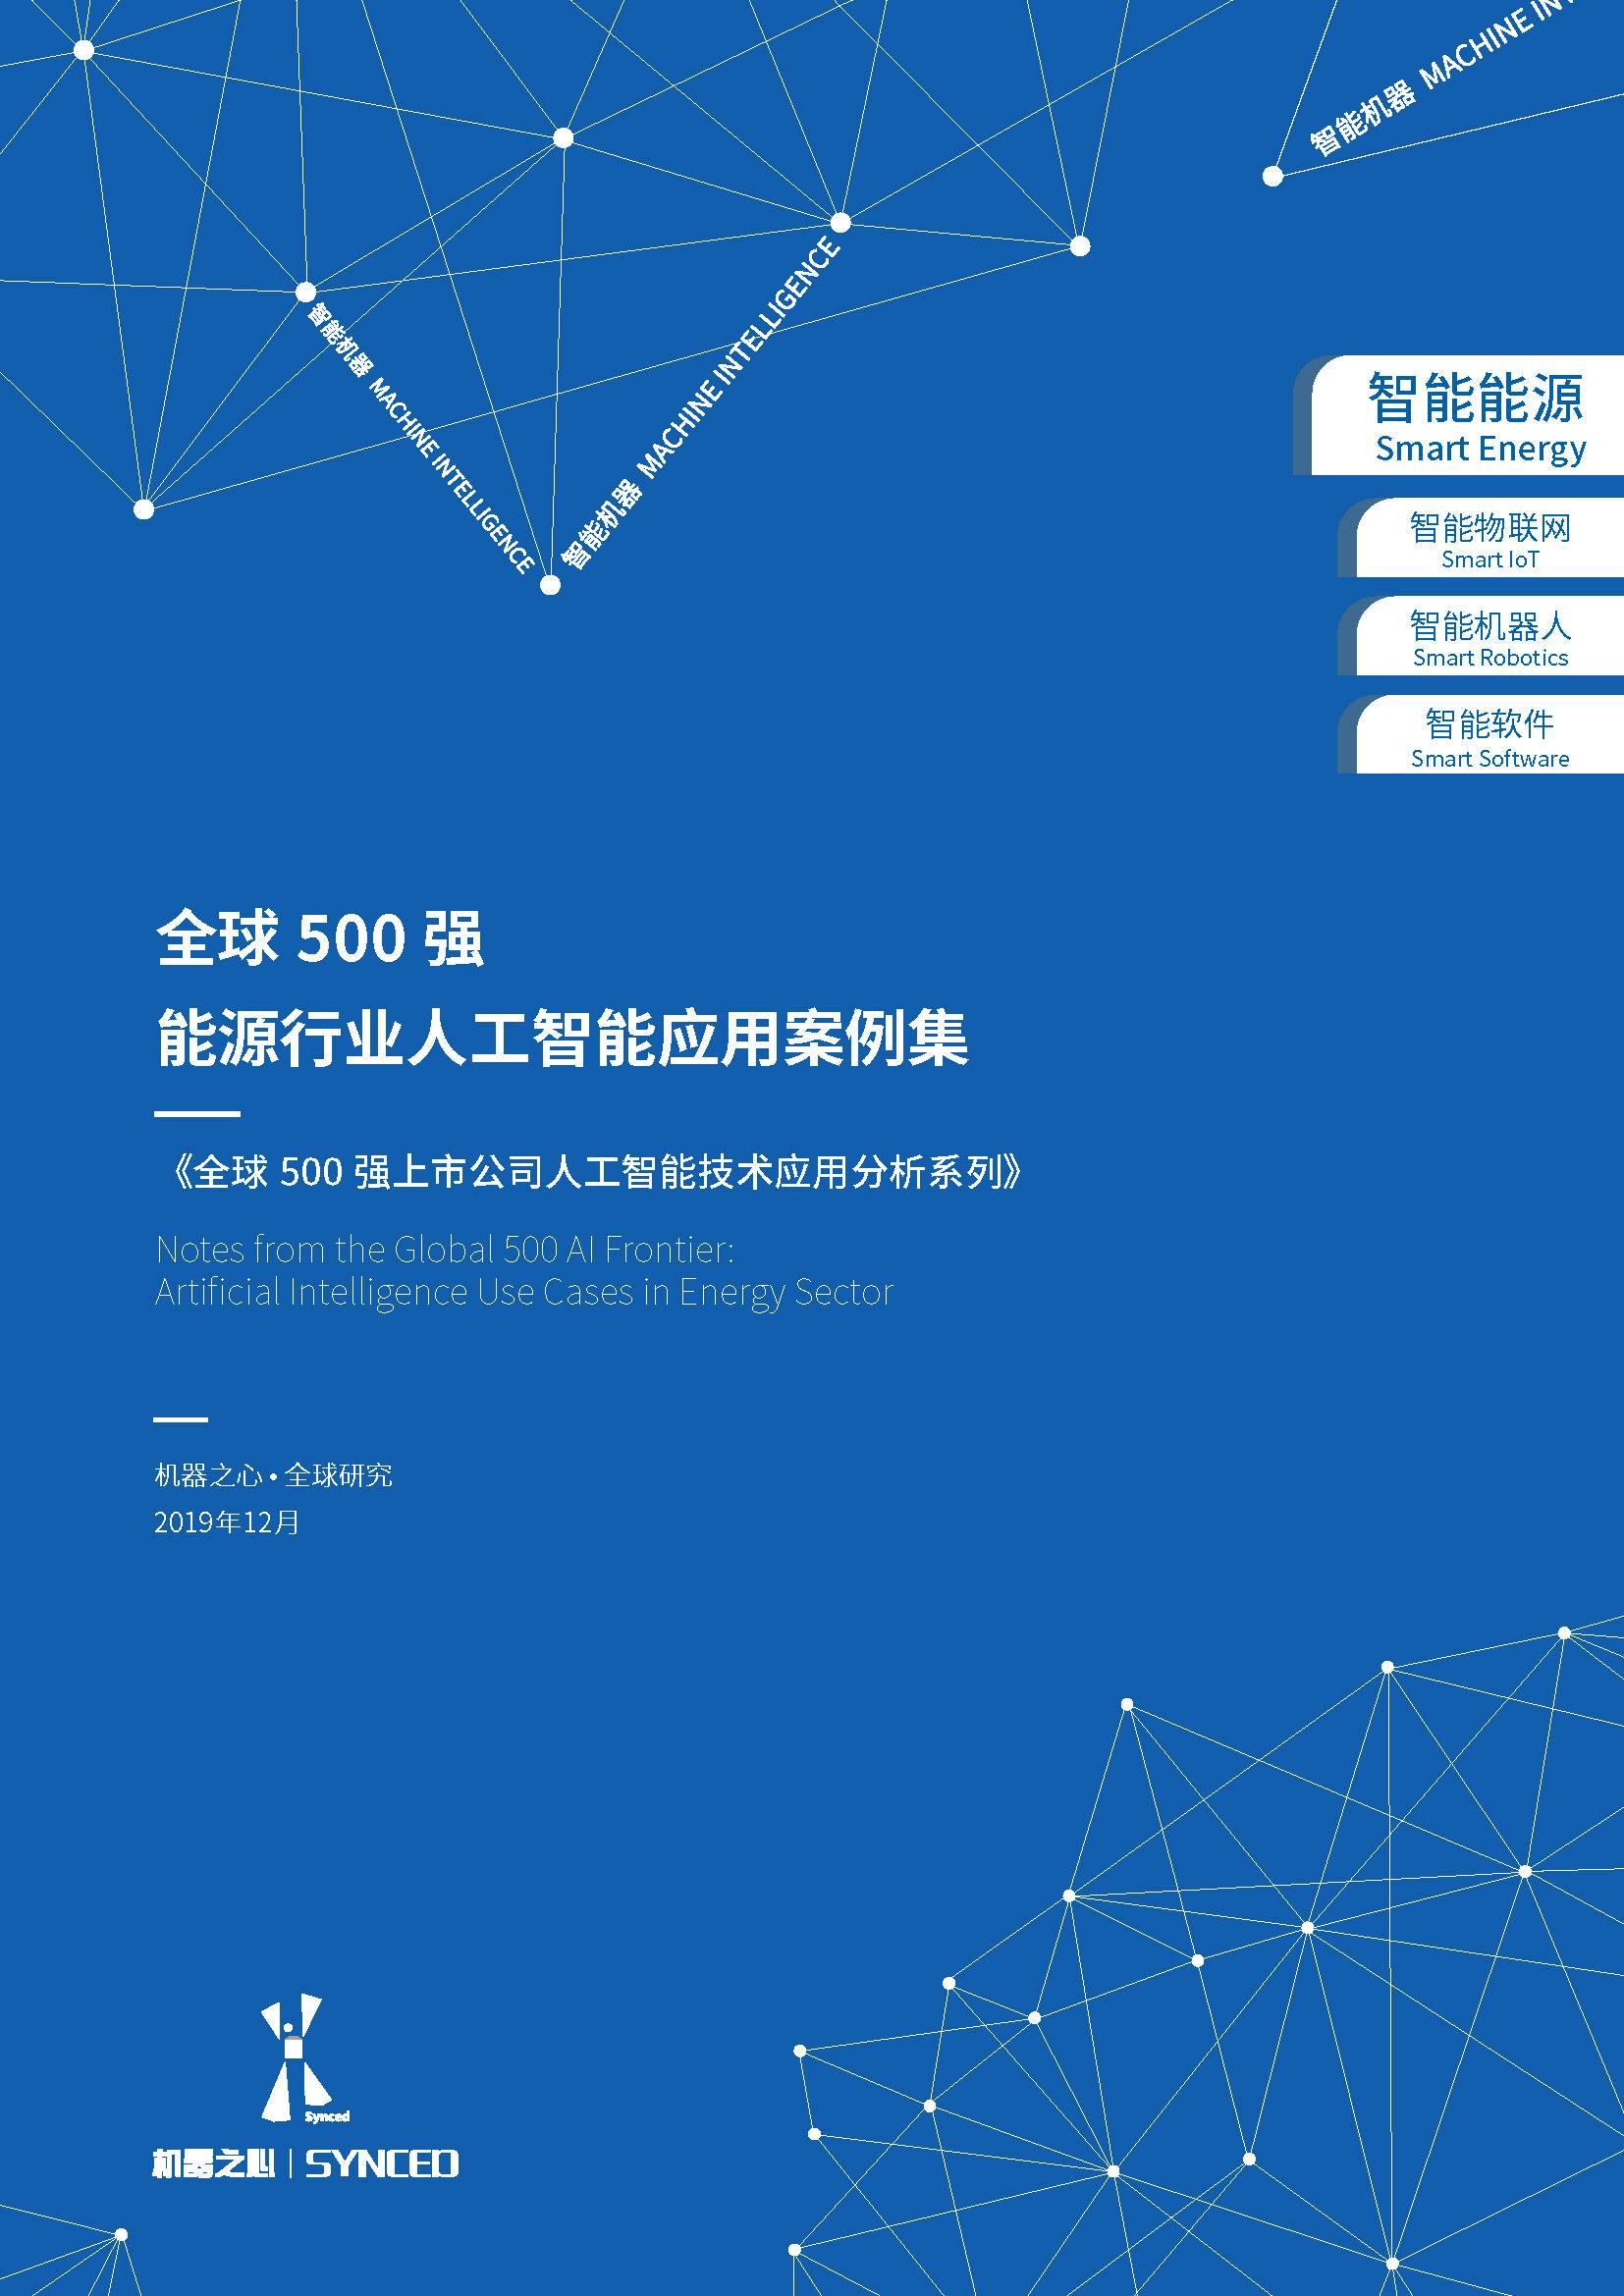 全球500强能源行业人工智能应用案例集